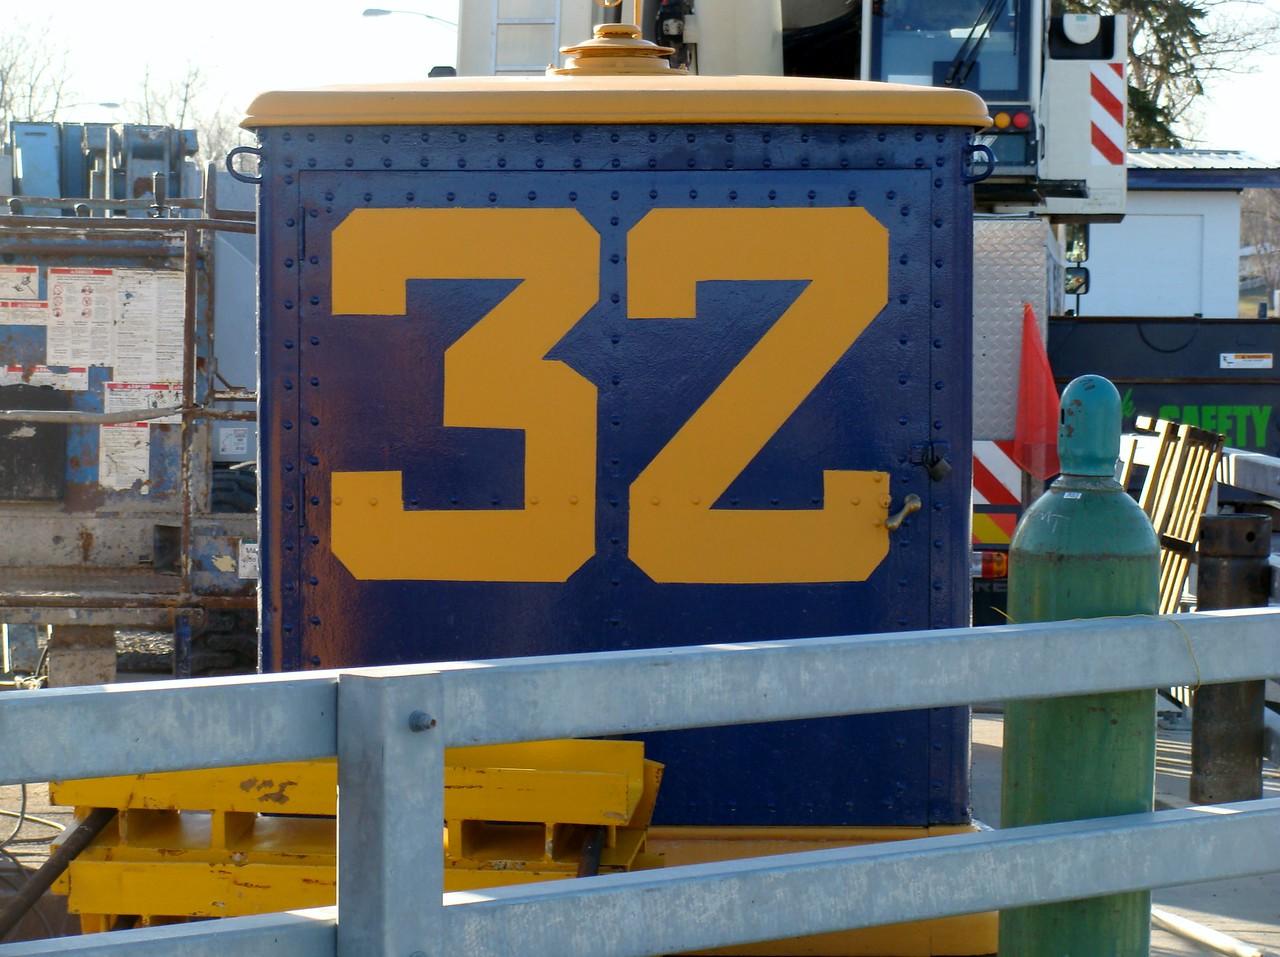 Lock 32 Signage